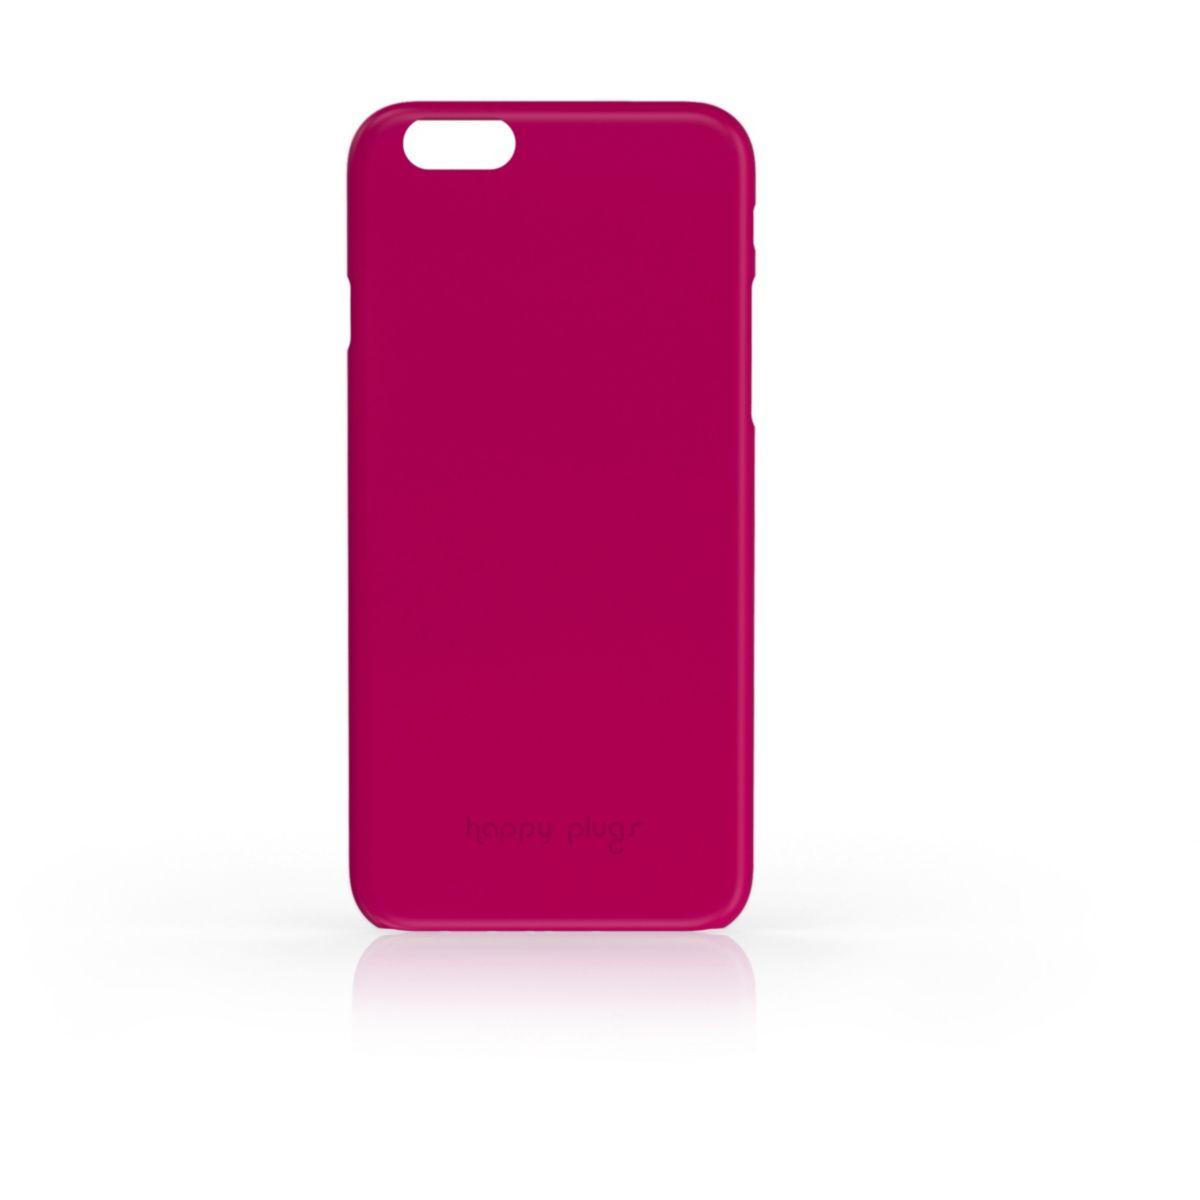 Coque HAPPY PLUGS iPhone 6/6s cerise